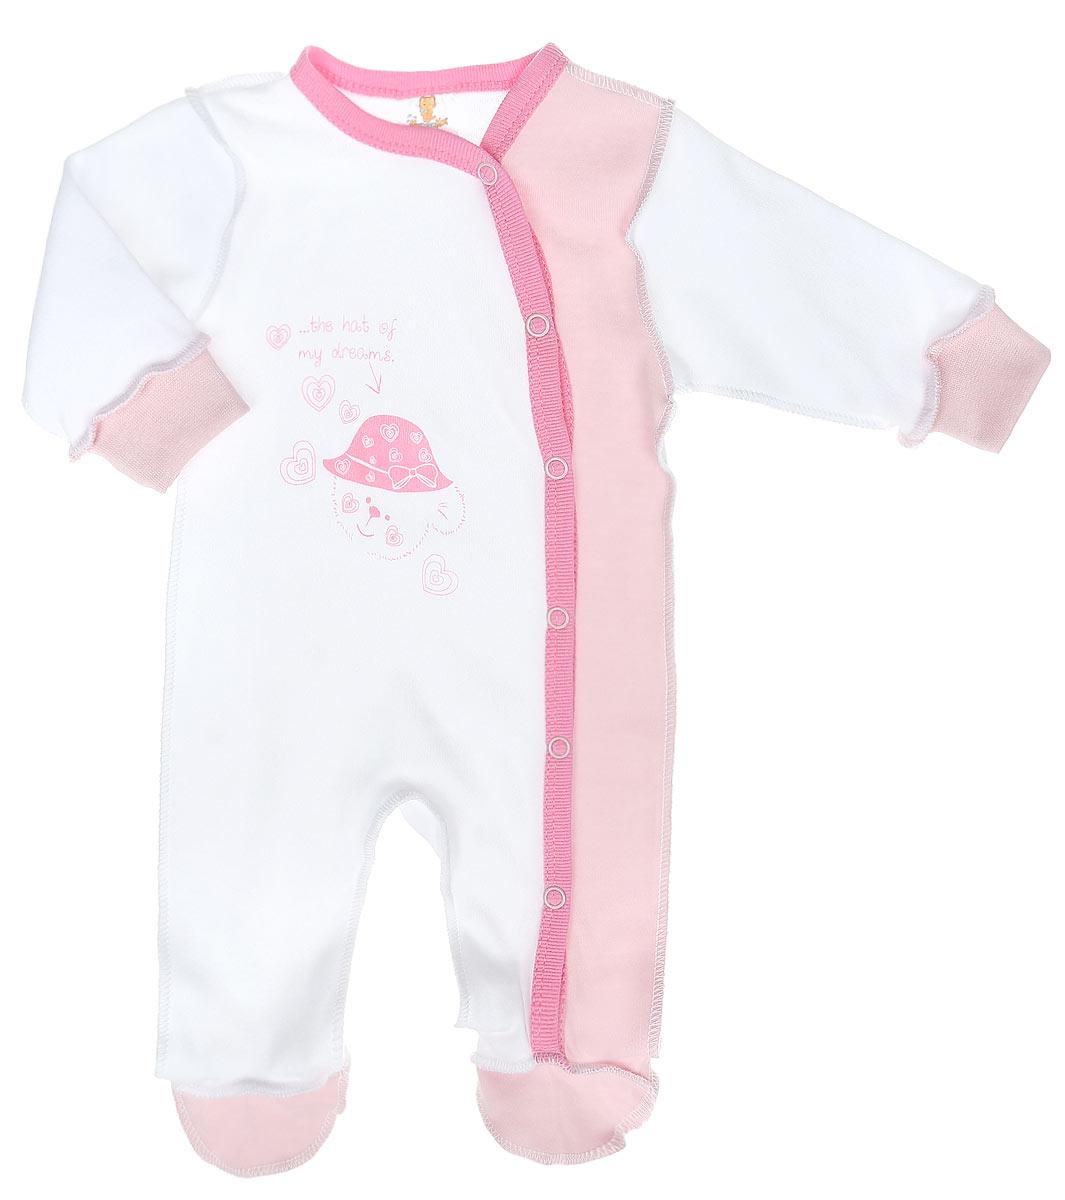 Комбинезон детский КотМарКот Мишка в шляпе, цвет: белый, розовый. 3675. Размер 86, 1 год3675Детский комбинезон КотМарКот Мишка в шляпе идеально подойдет вашему ребенку, обеспечивая ему максимальный комфорт. Выполненный из интерлока - натурального хлопка, он очень мягкий на ощупь, не раздражает даже самую нежную и чувствительную кожу ребенка.Комбинезон с длинными рукавами, круглым вырезом горловины и закрытыми ножками имеет застежки-кнопки от горловины до щиколотки, которые помогают легко переодеть младенца или сменить подгузник. Низ рукавов дополнен мягкими широкими манжетами, не пережимающими ручки ребенка. Спереди модель оформлена принтом с изображением медвежонка.В таком комбинезоне спинка и ножки младенца всегда будут в тепле, и кроха будет чувствовать себя комфортно и уютно.